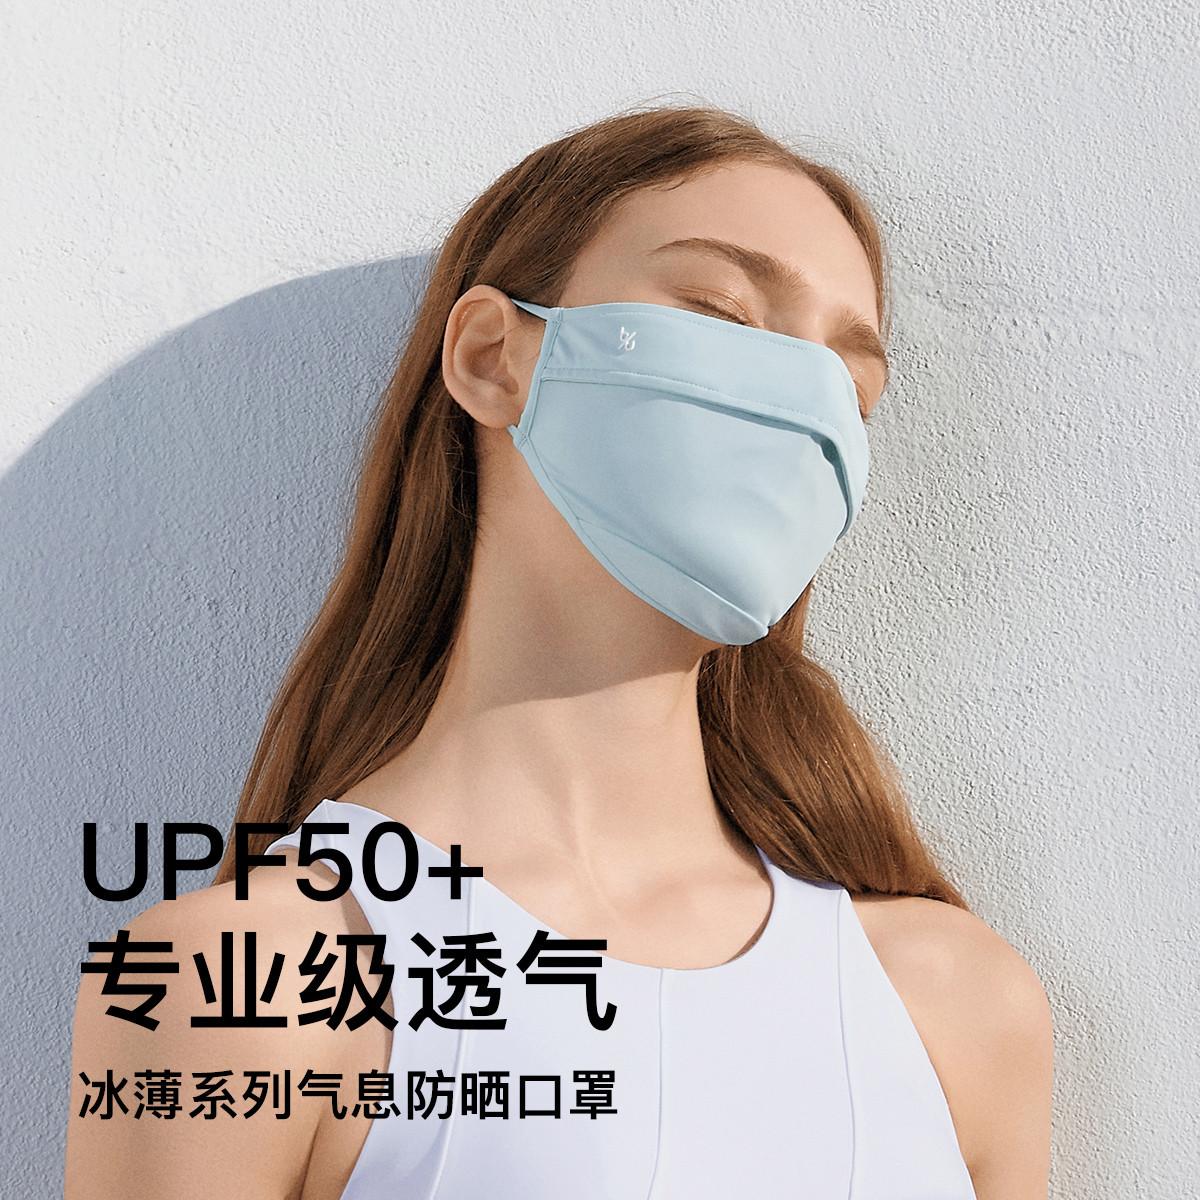 蕉下出行必备口罩防晒防紫外线气息防晒口罩面罩